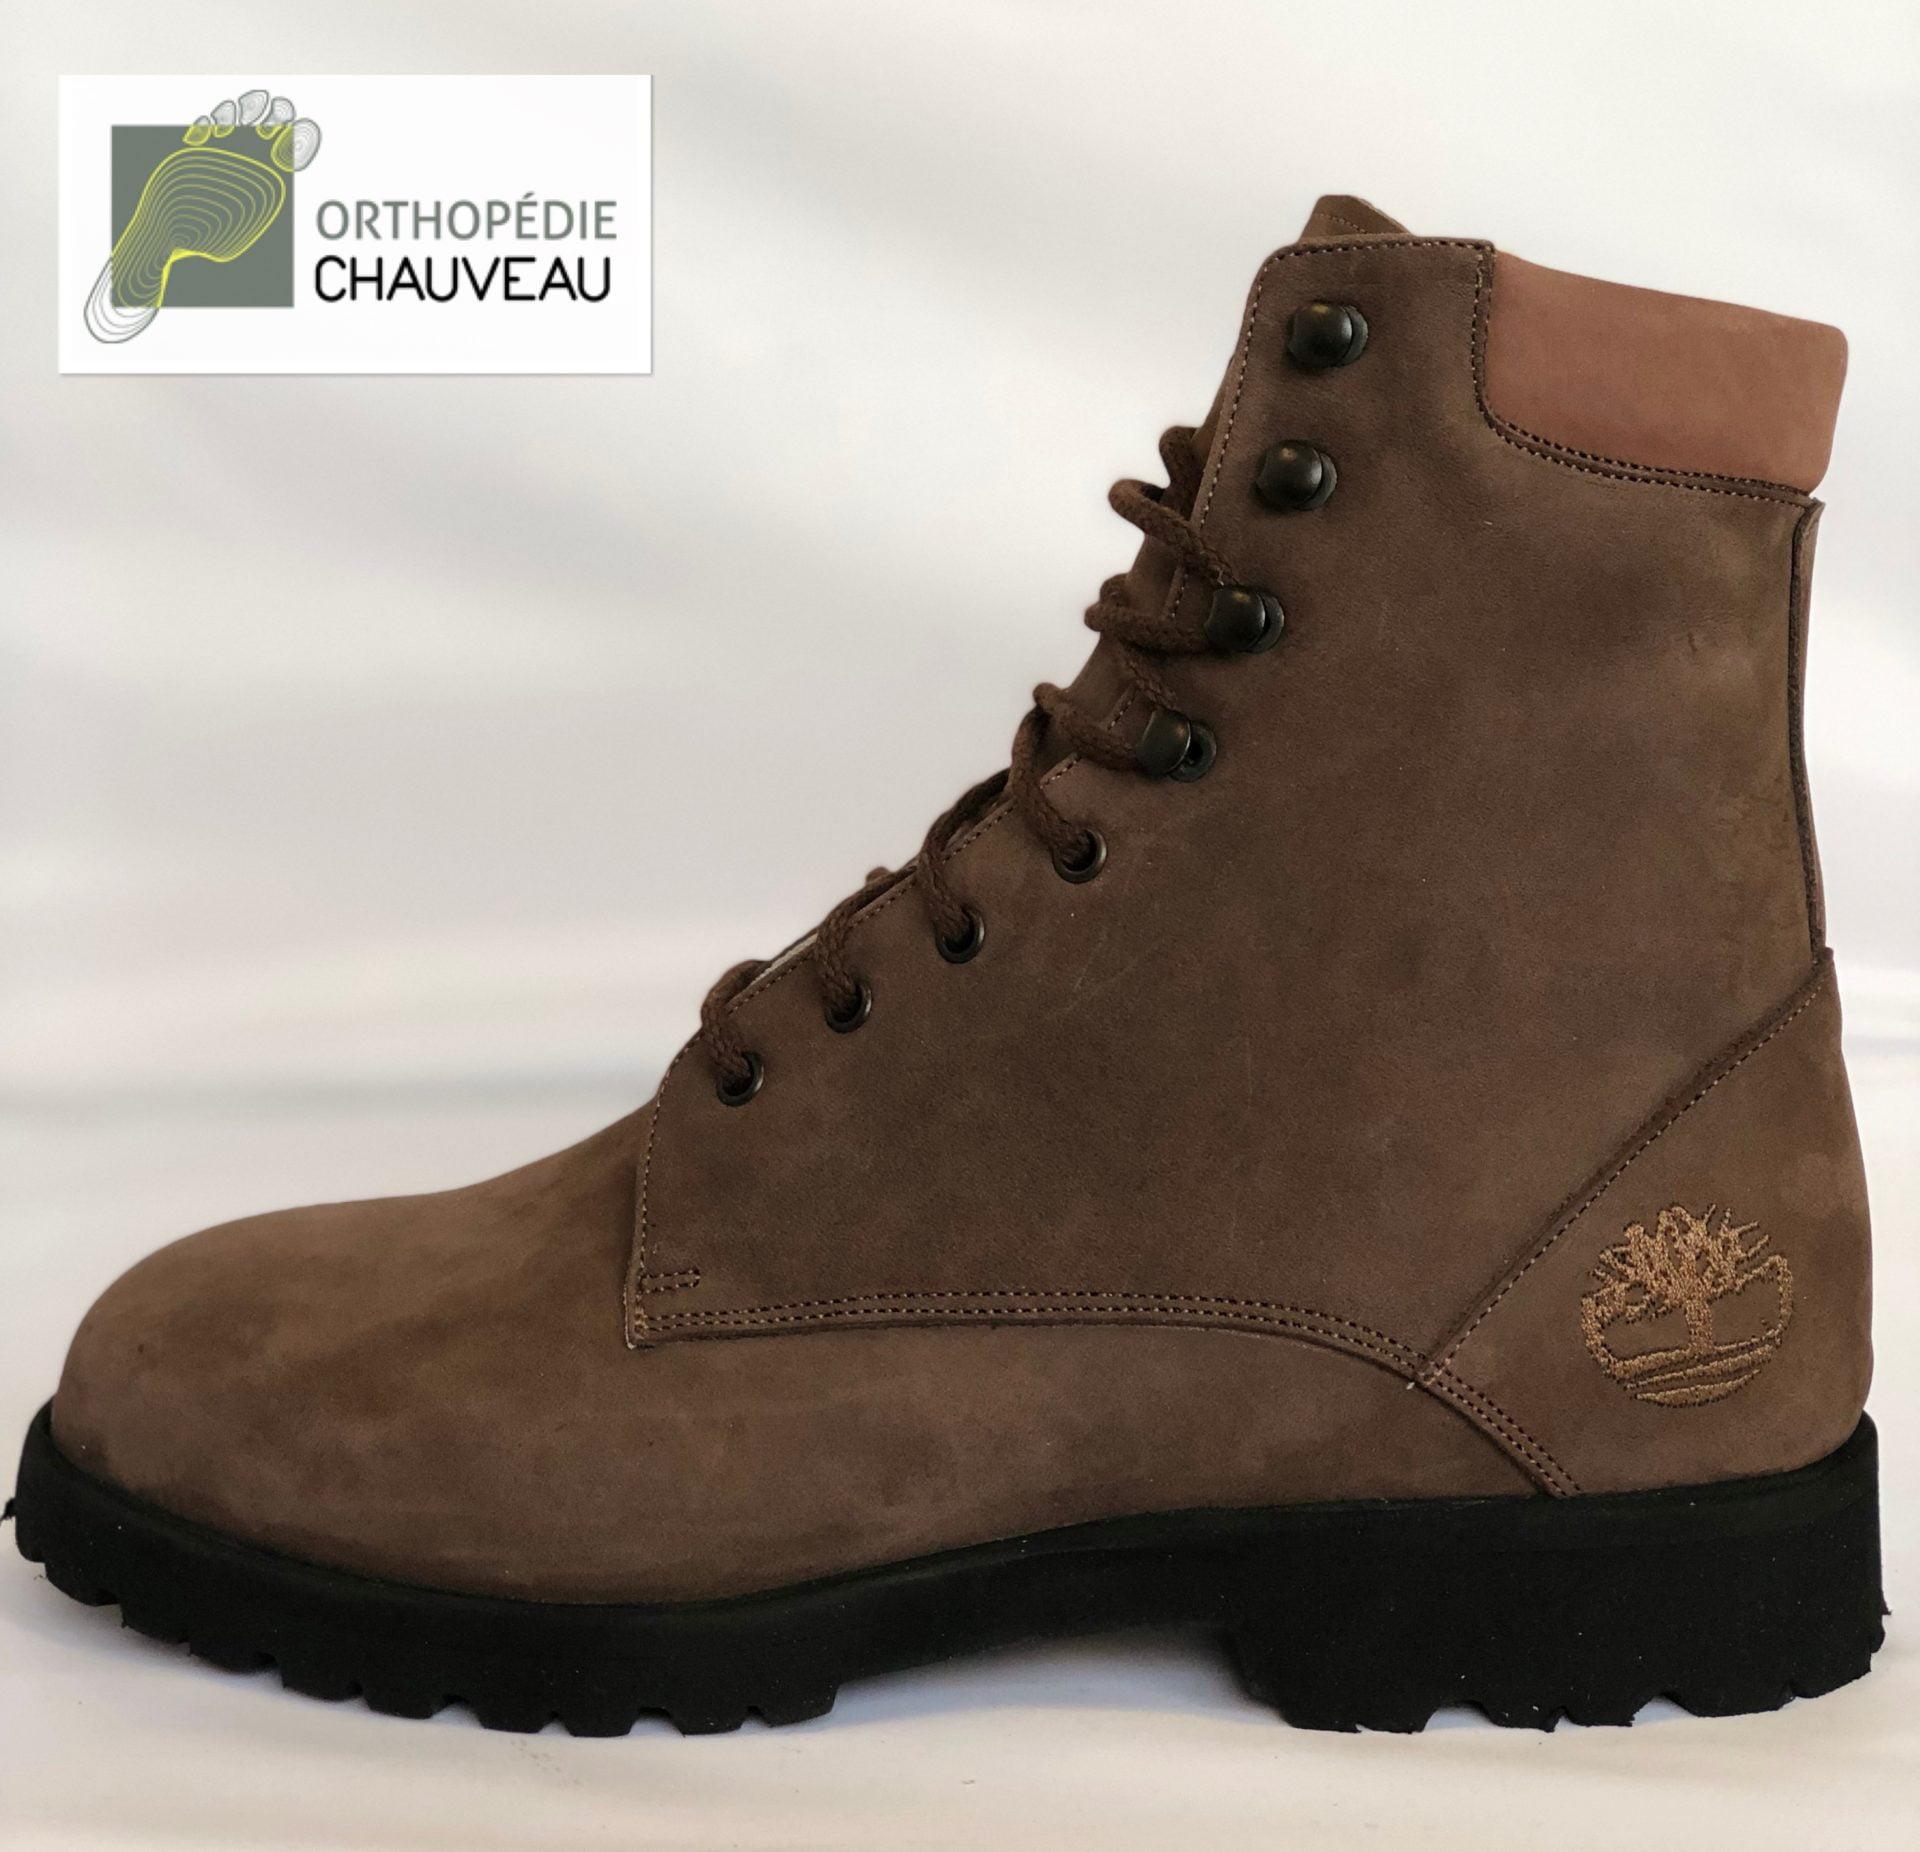 chaussures orthopédiques rennes bottines